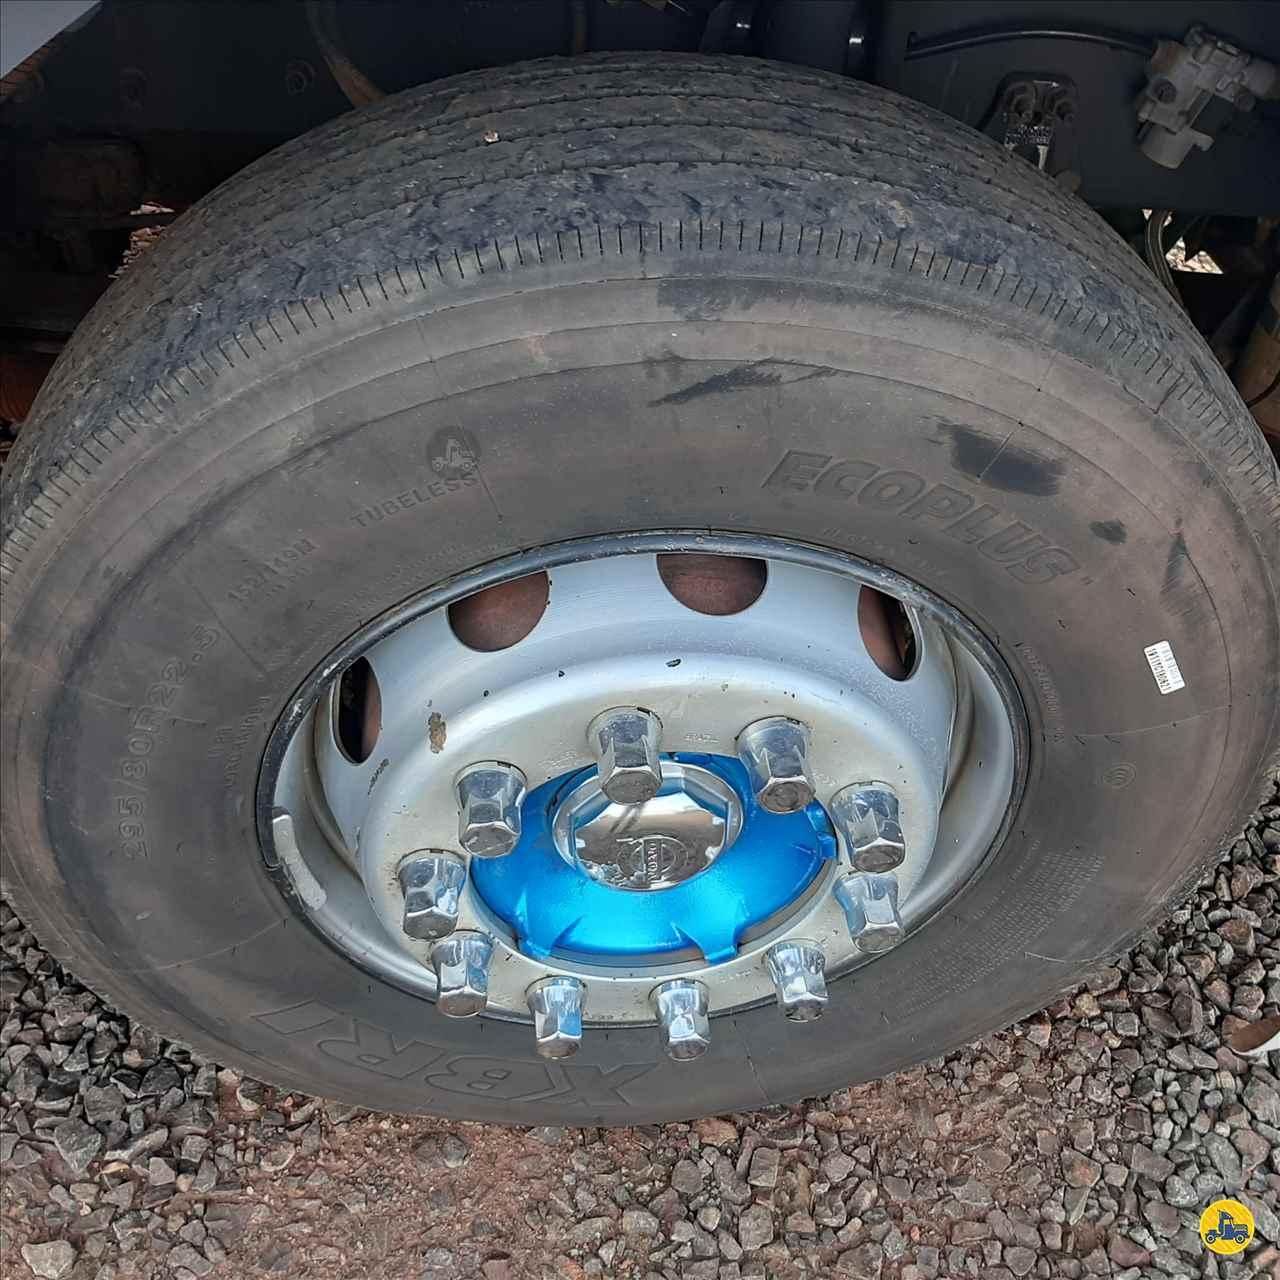 VOLVO VOLVO FH 460 963678km 2012/2012 Megatruck Caminhões e Máquinas